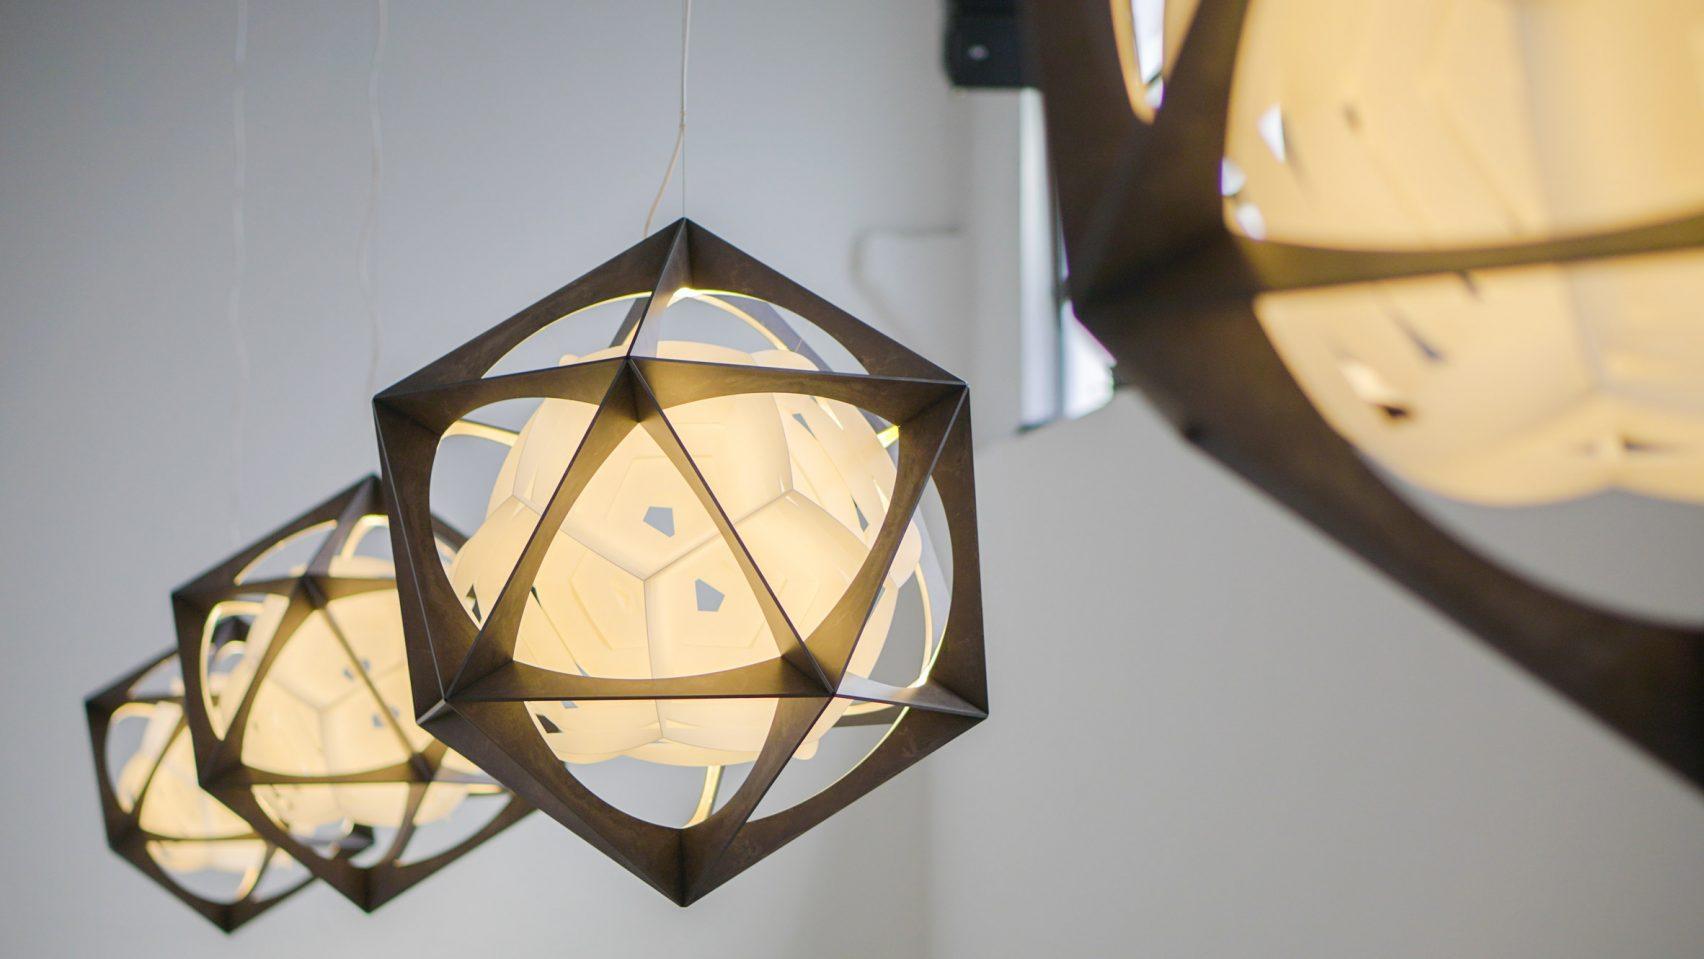 Olafur Eliasson explora geometrías matemáticas complejas con OE Quasi Light